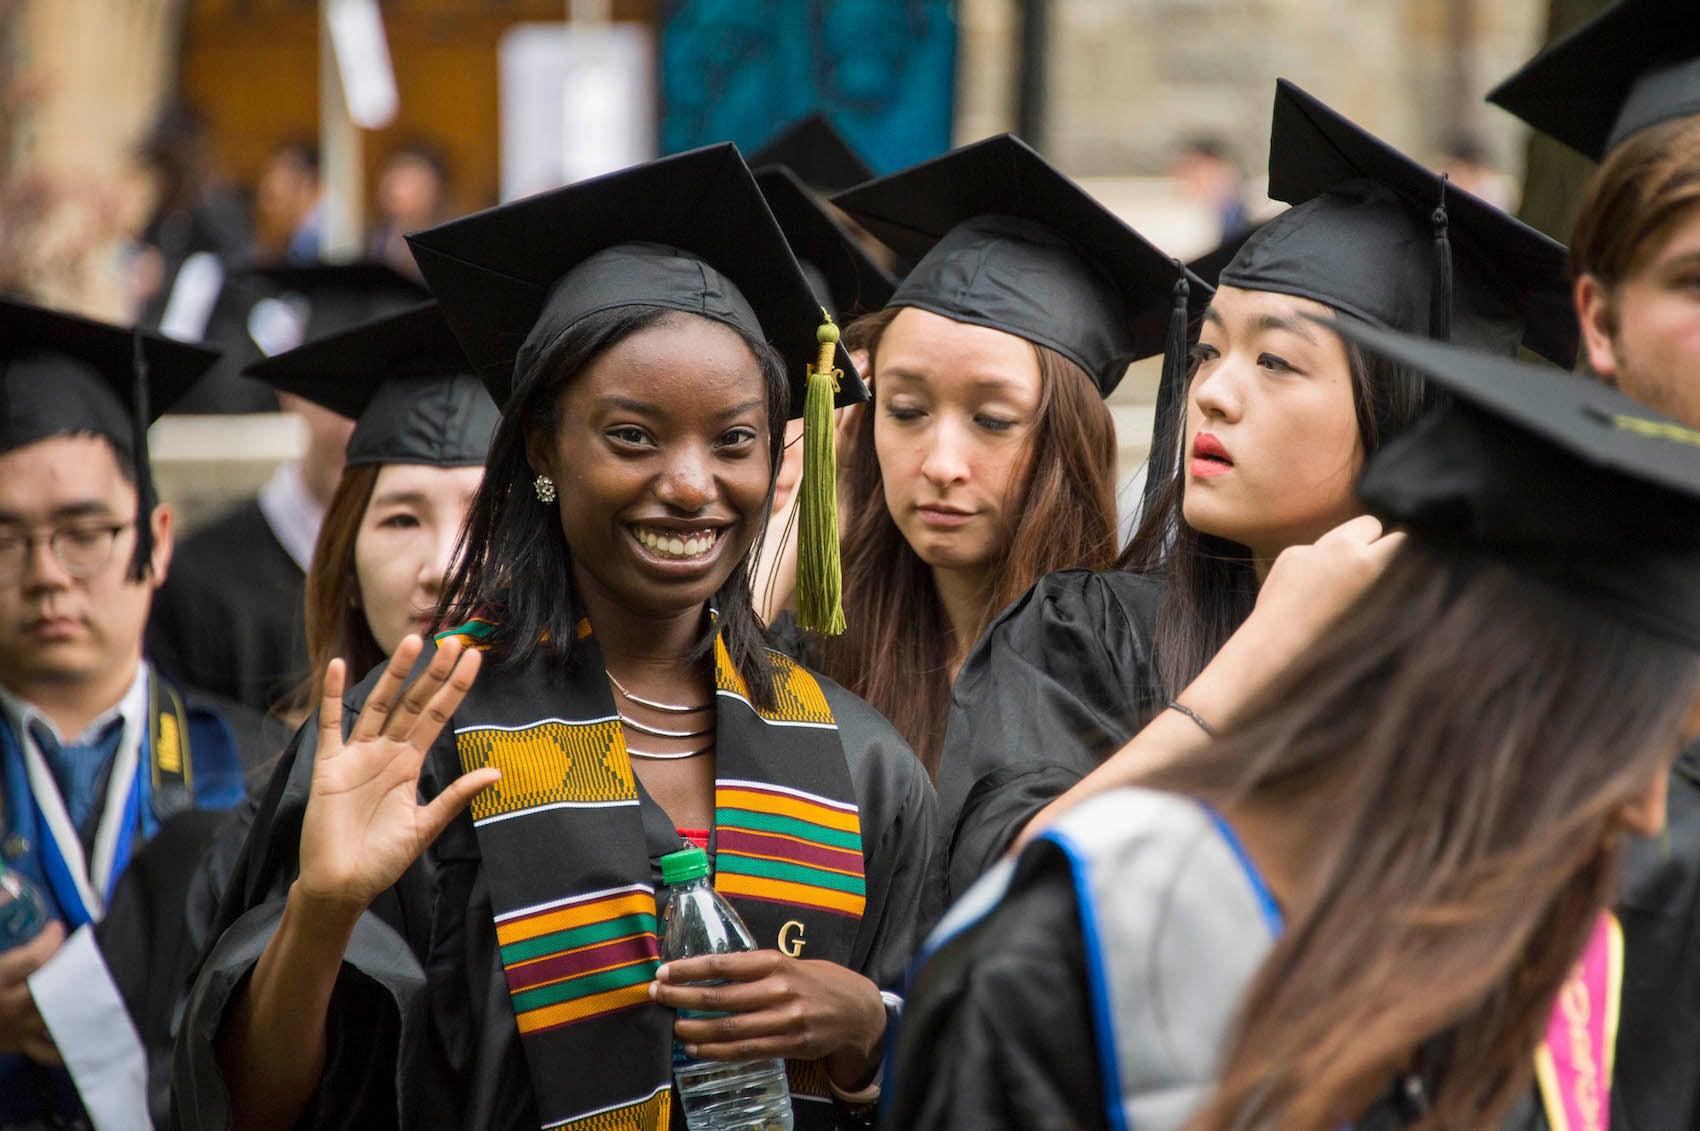 Smiling graduates in commencement attire